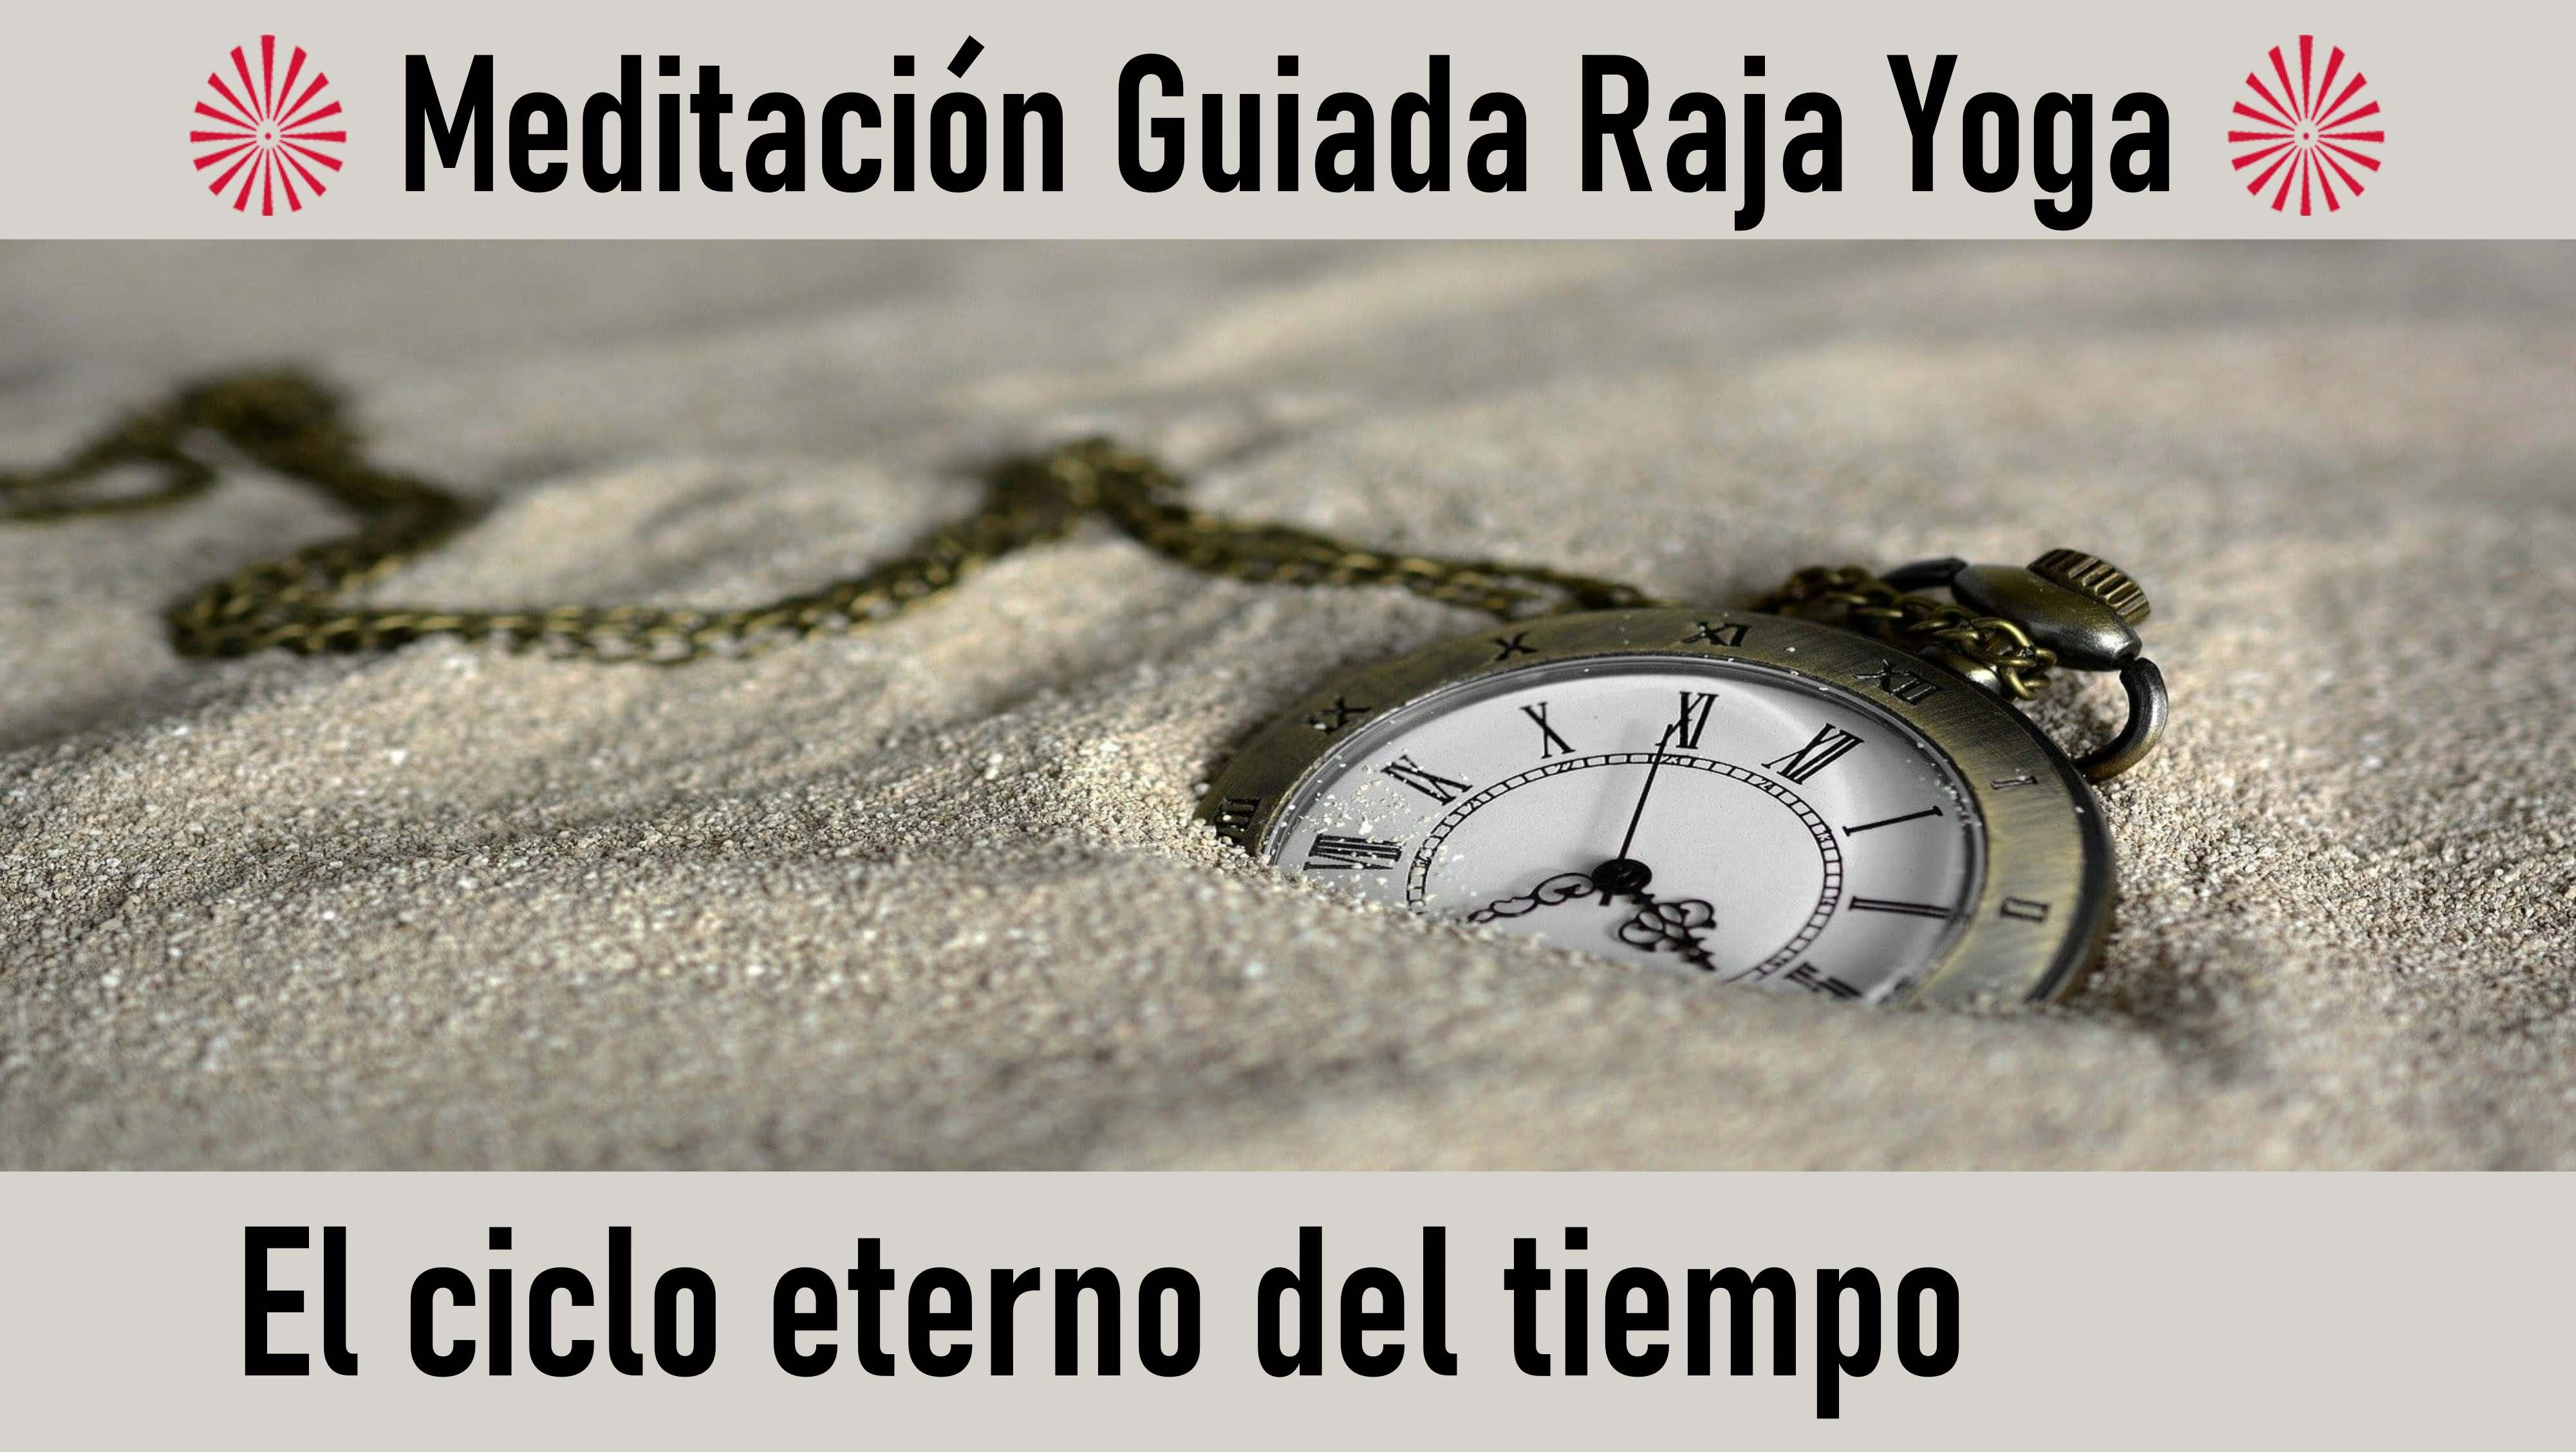 Meditación Raja Yoga: El ciclo del tiempo (25 Agosto 2020) On-line desde Madrid